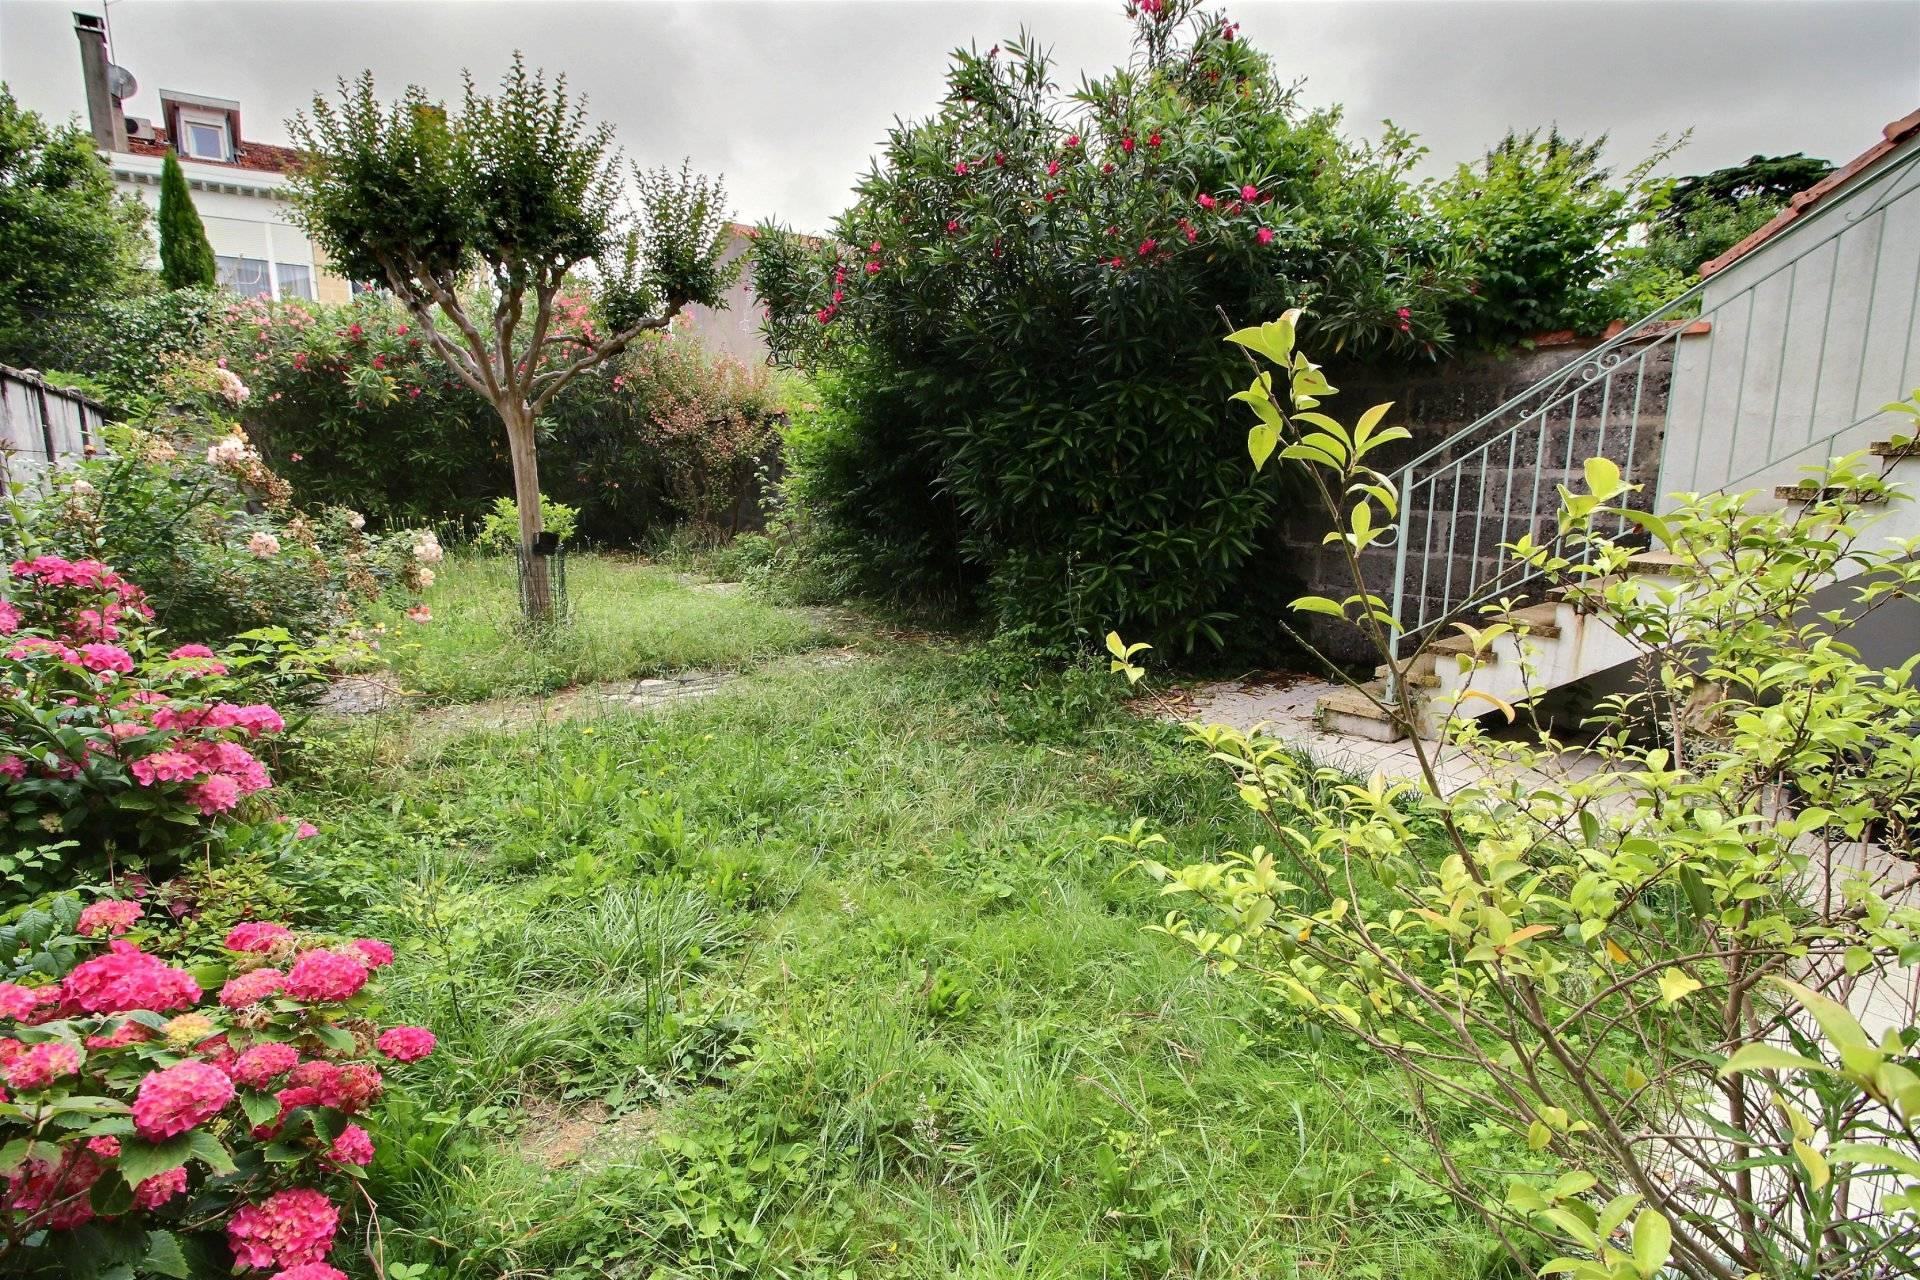 Belle maison de maitre en pierre a vendre bordeaux parc lescure coldwell banker - Belles maisons bordeaux ...